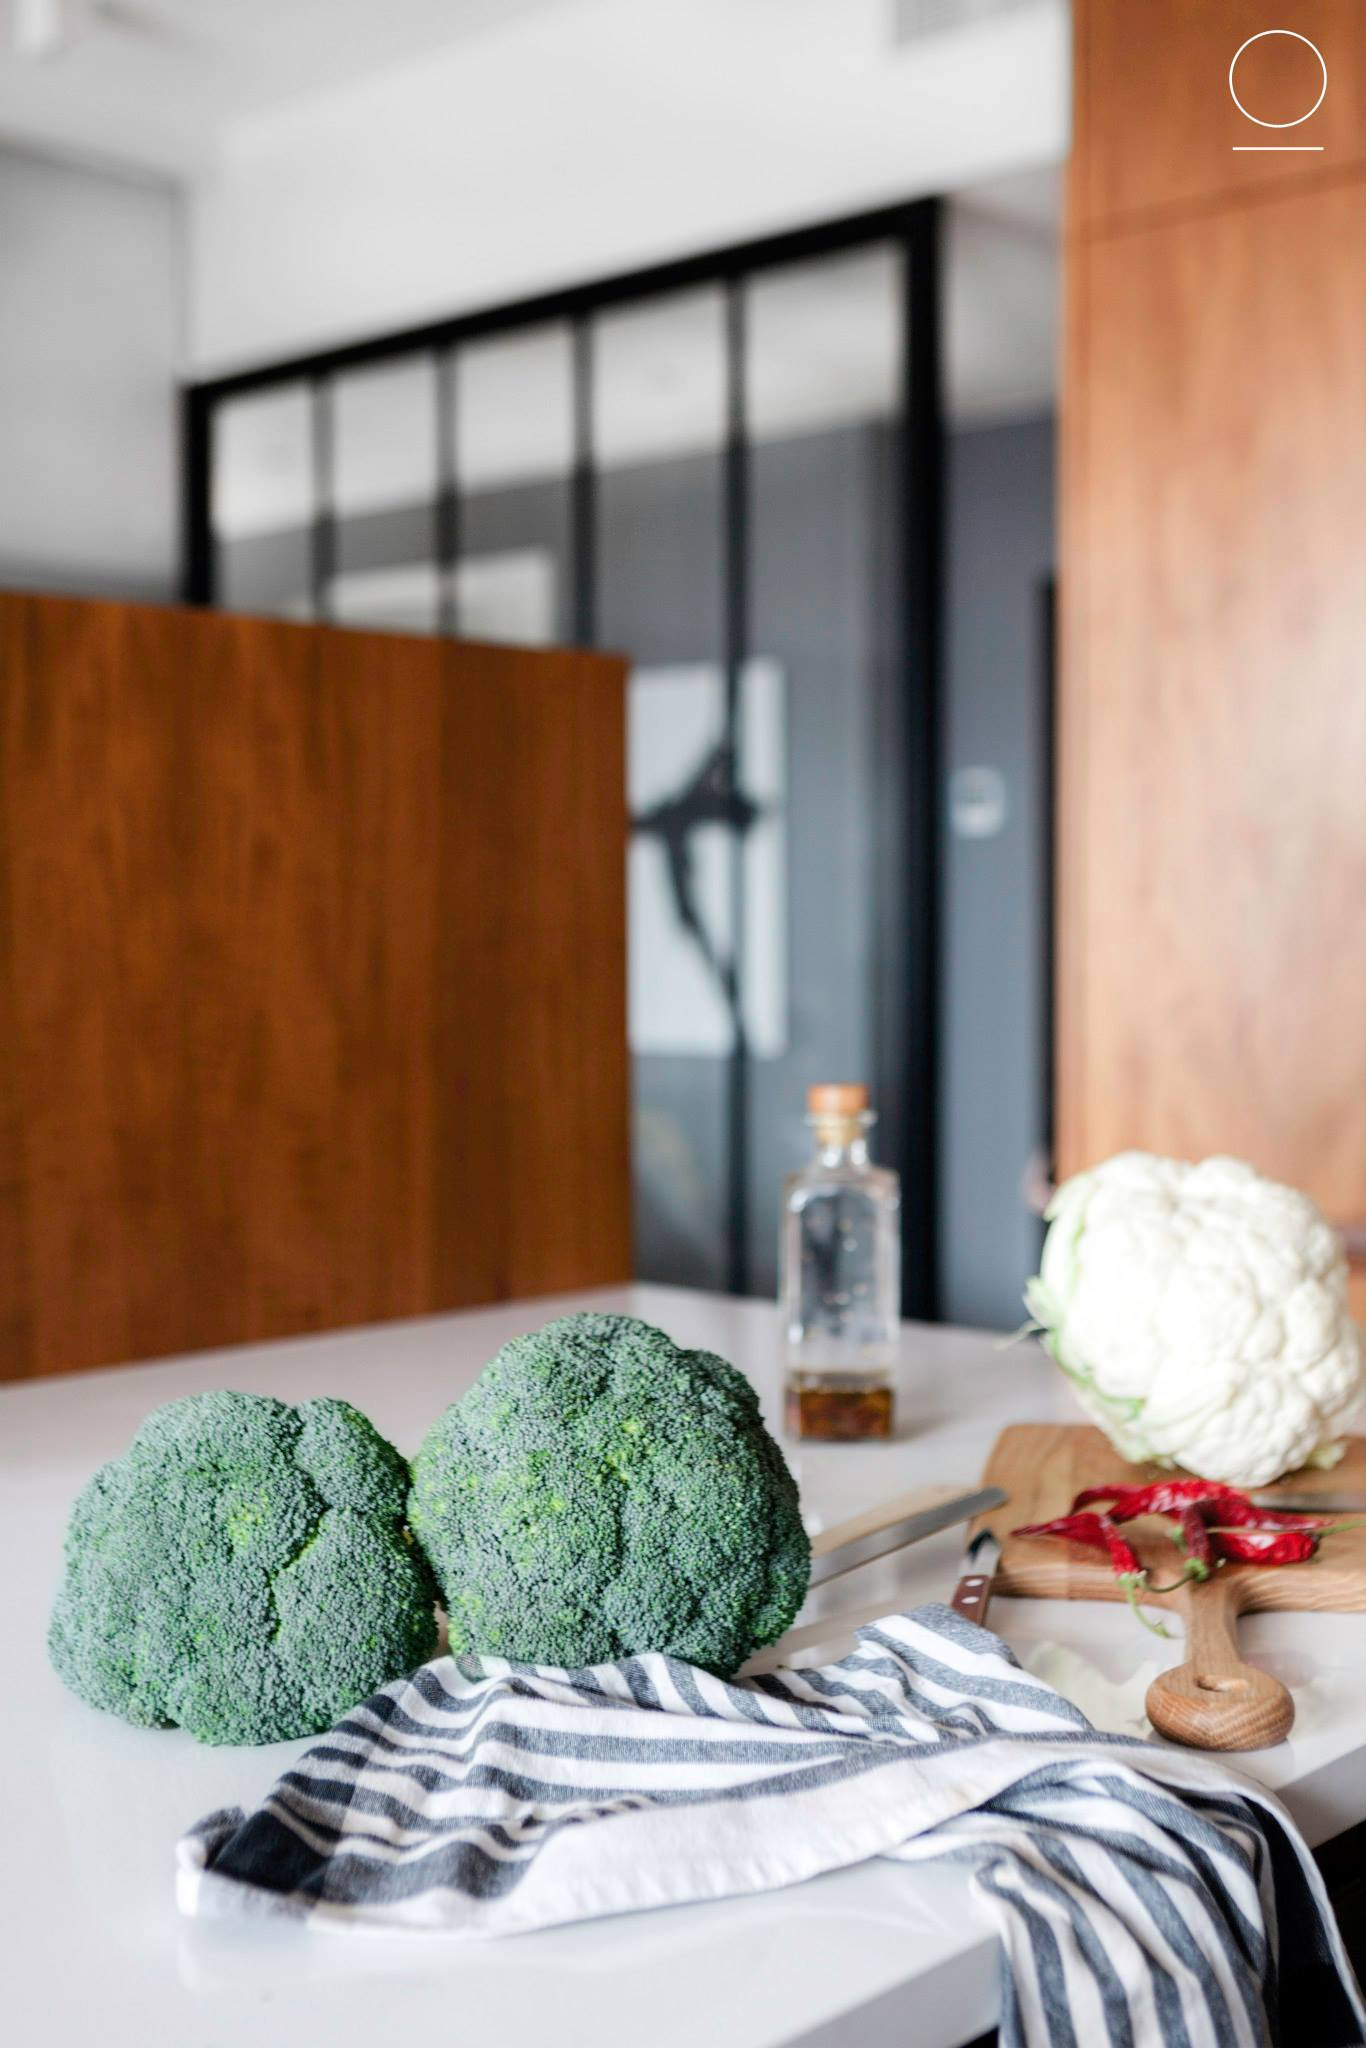 oikoi modern apartment9 Pokorna Apartments by Oikoi Studio